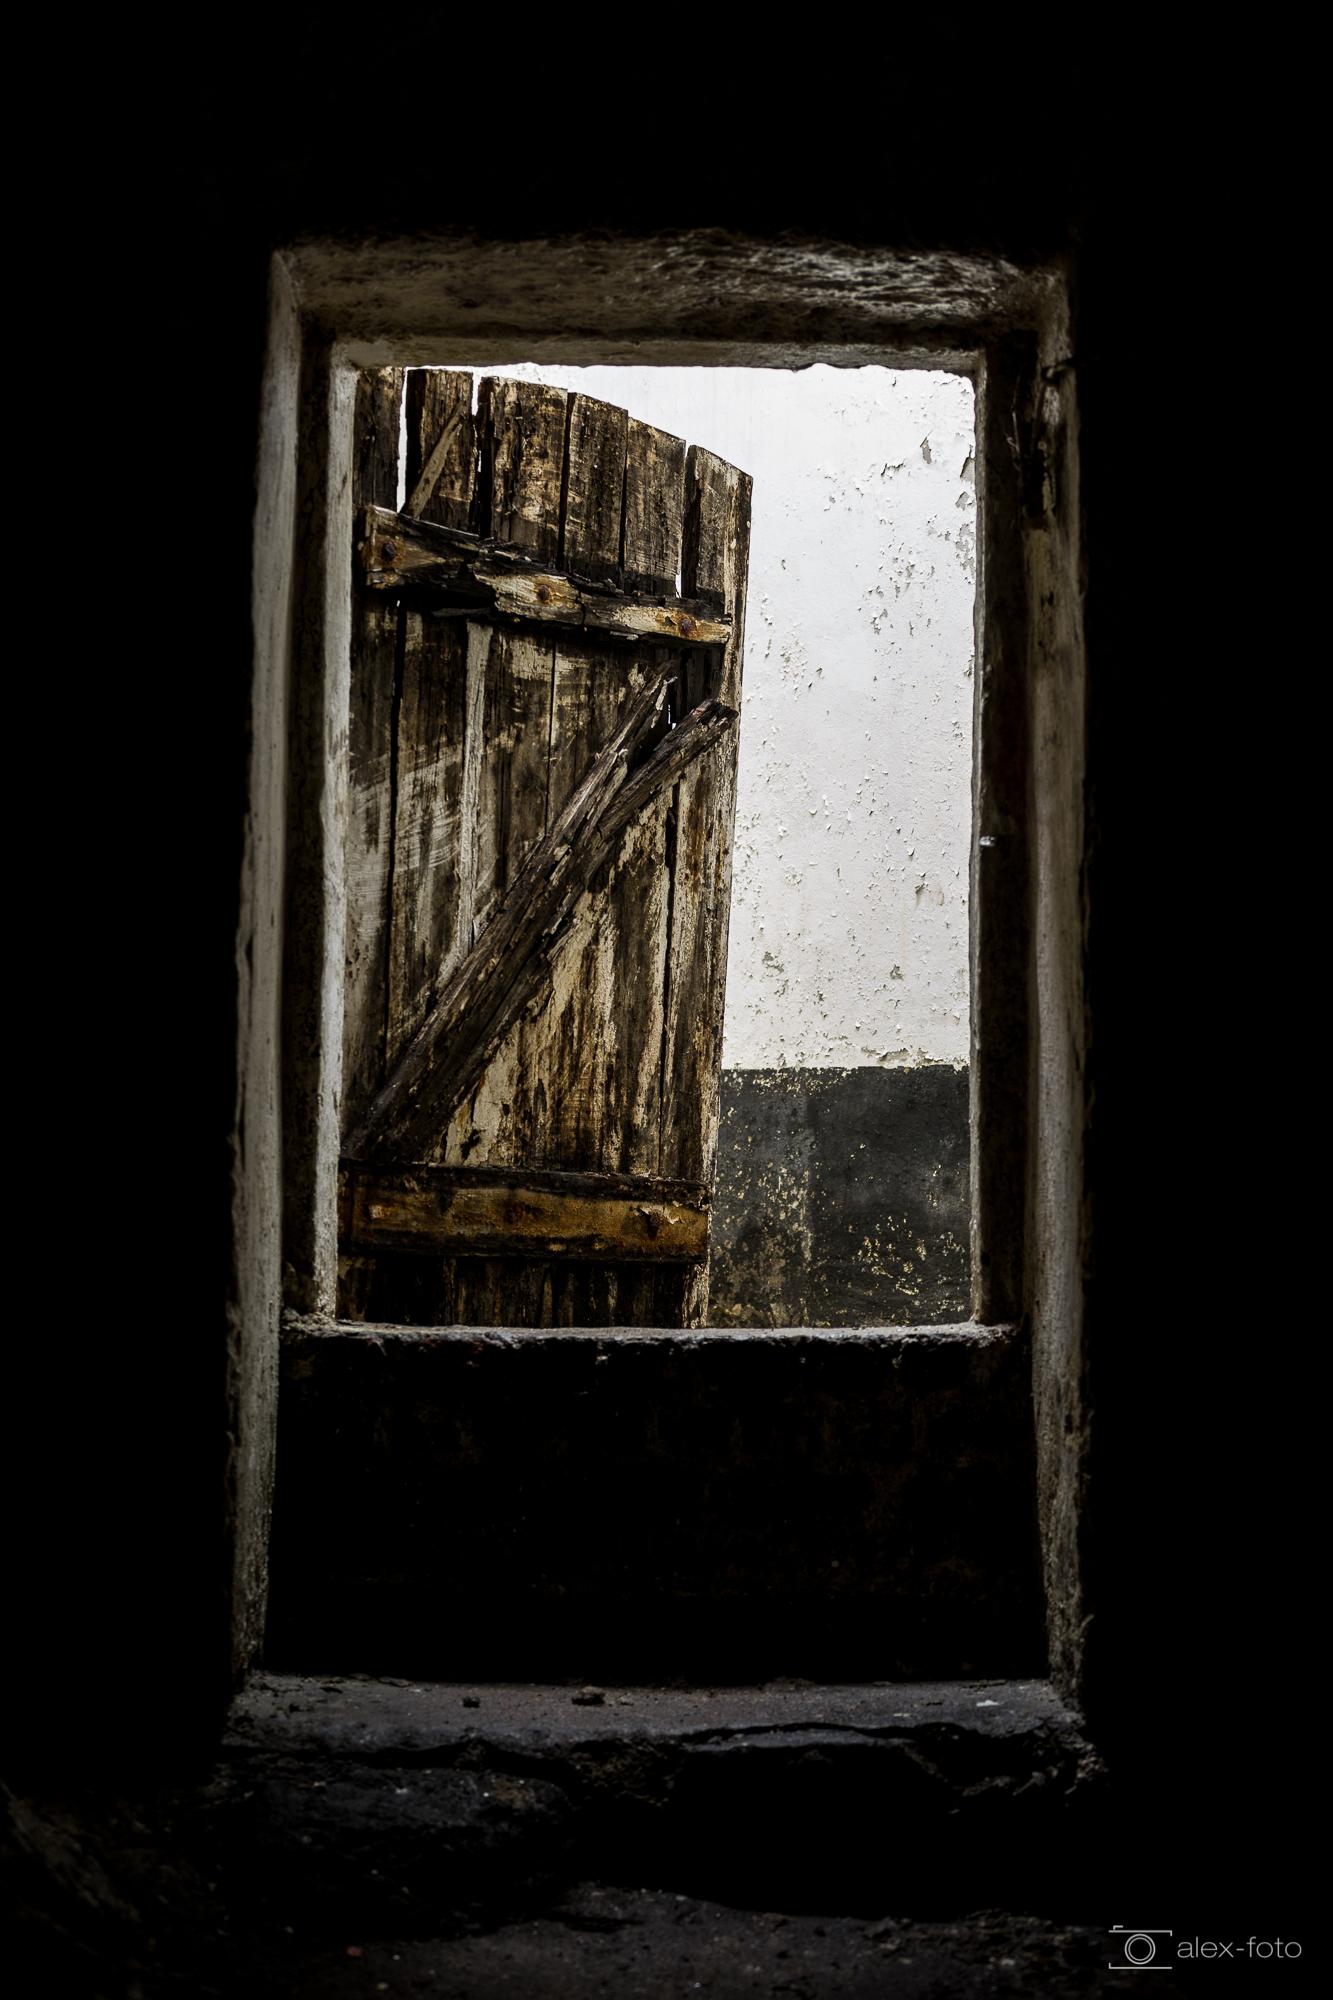 Lichtwert-BestOf_ThomasAlex_014_Door.jpg